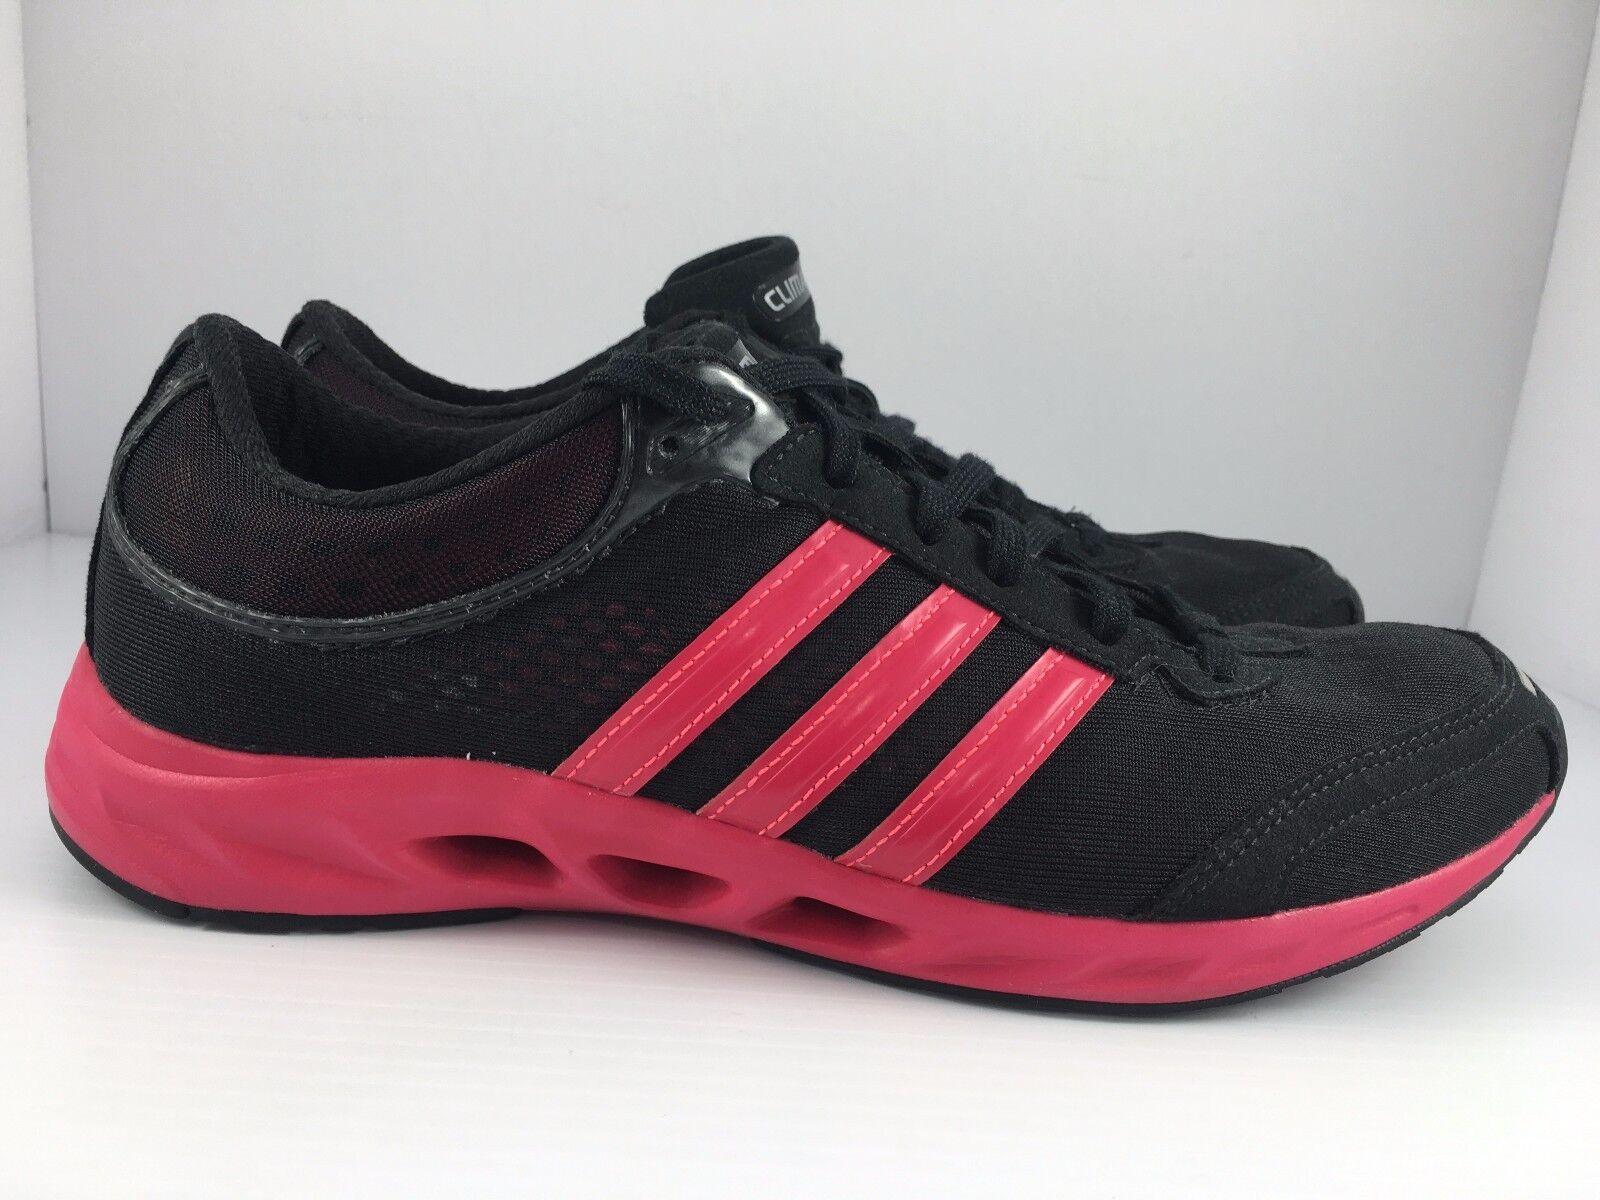 Adidas climacool cc soluzione donne noi 8,5 nero     leggero scarpette rosa   Impeccabile    Maschio/Ragazze Scarpa  904149